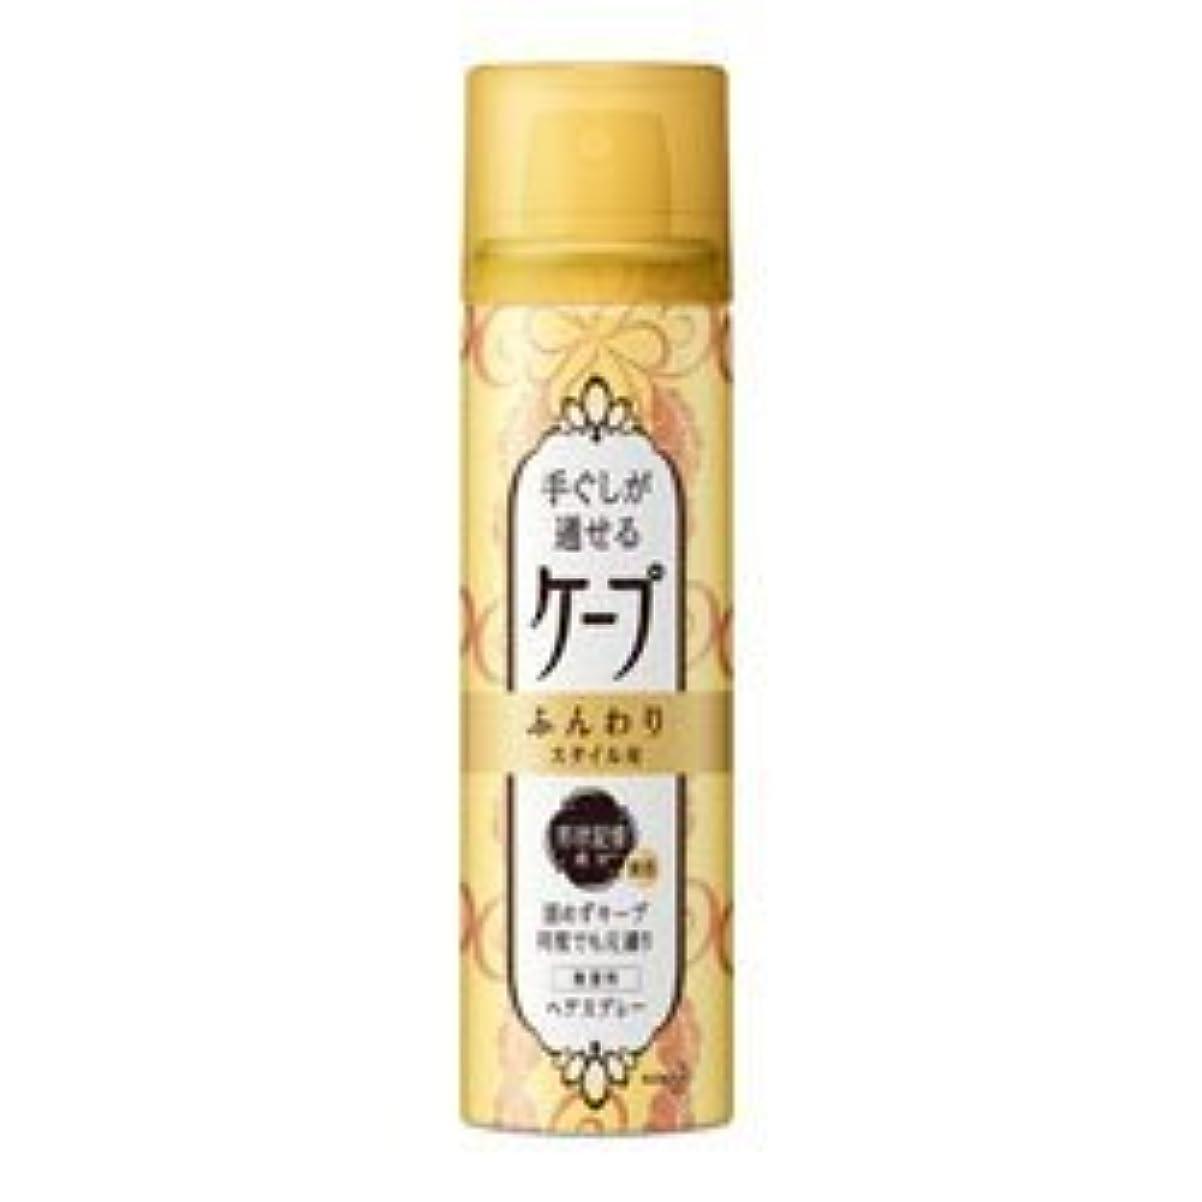 粘土薬用提供する【花王】手ぐしが通せるケープ ふんわりスタイル用 無香料 42g ×5個セット